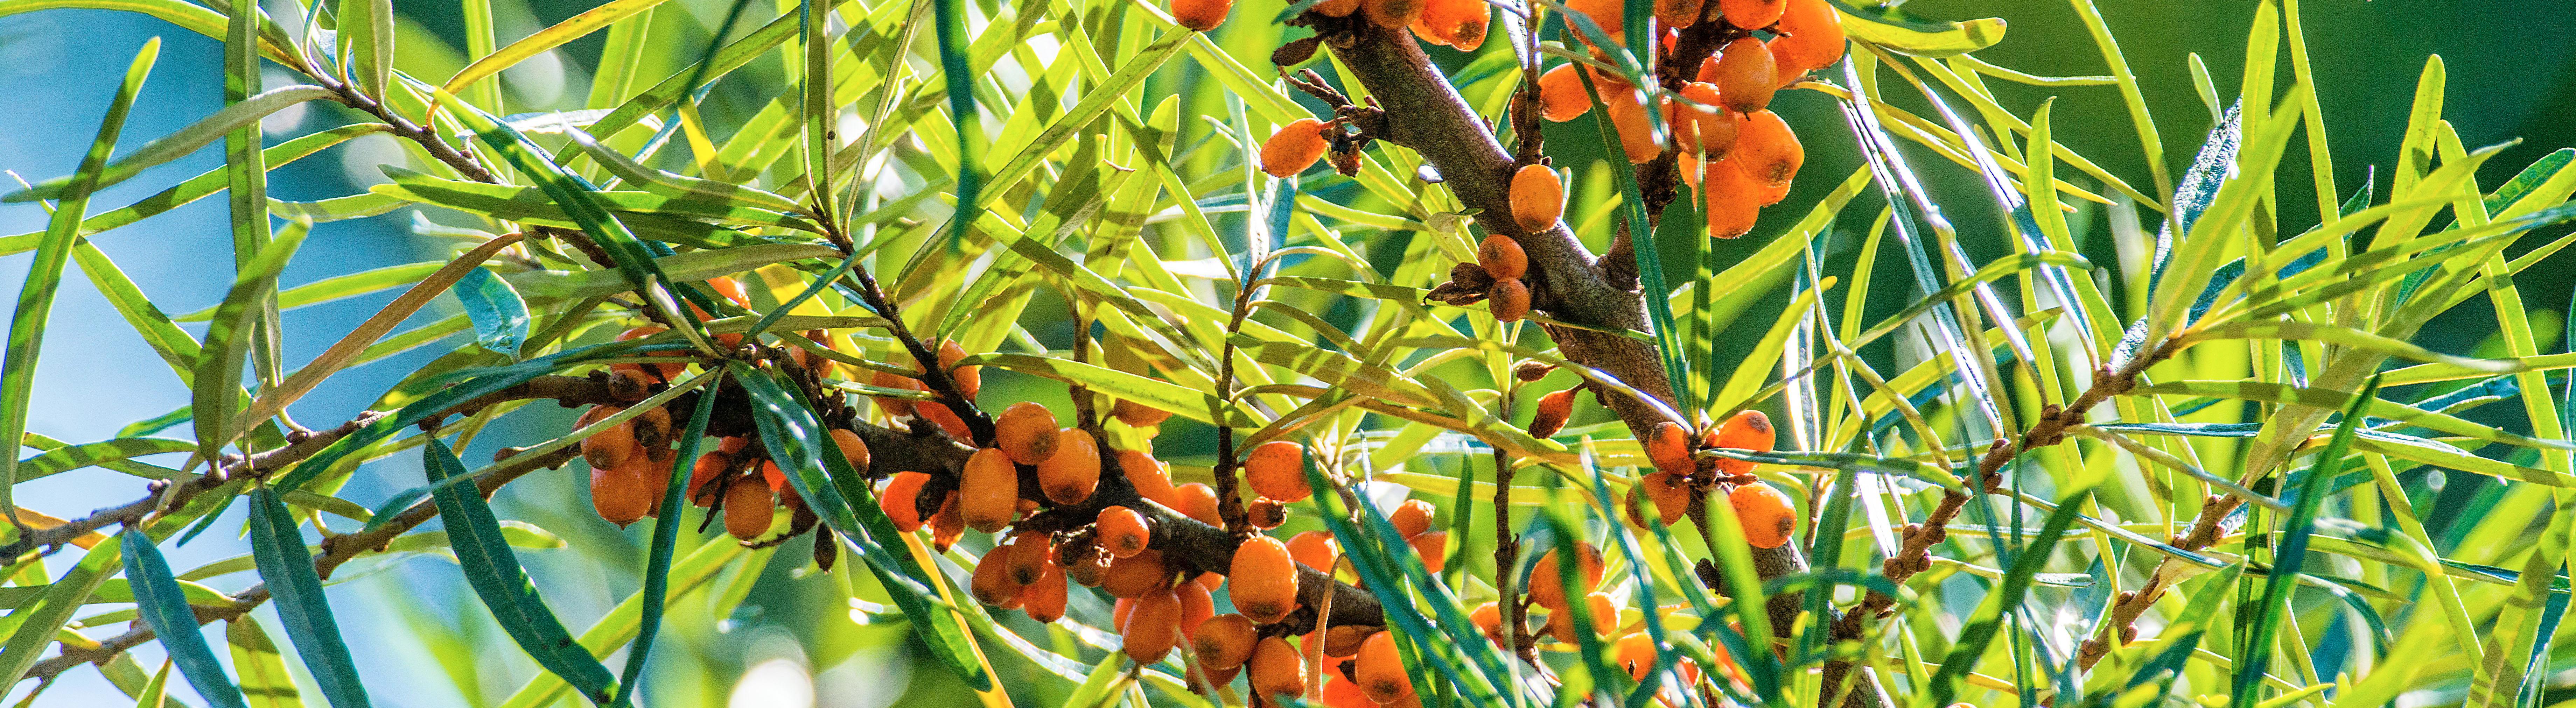 Reife Sanddornfrüchte hängen an einem Sanddornstrauch (Hippophae rhamnoides). Leutkirch, Baden Württemberg, Deutschland im Garten